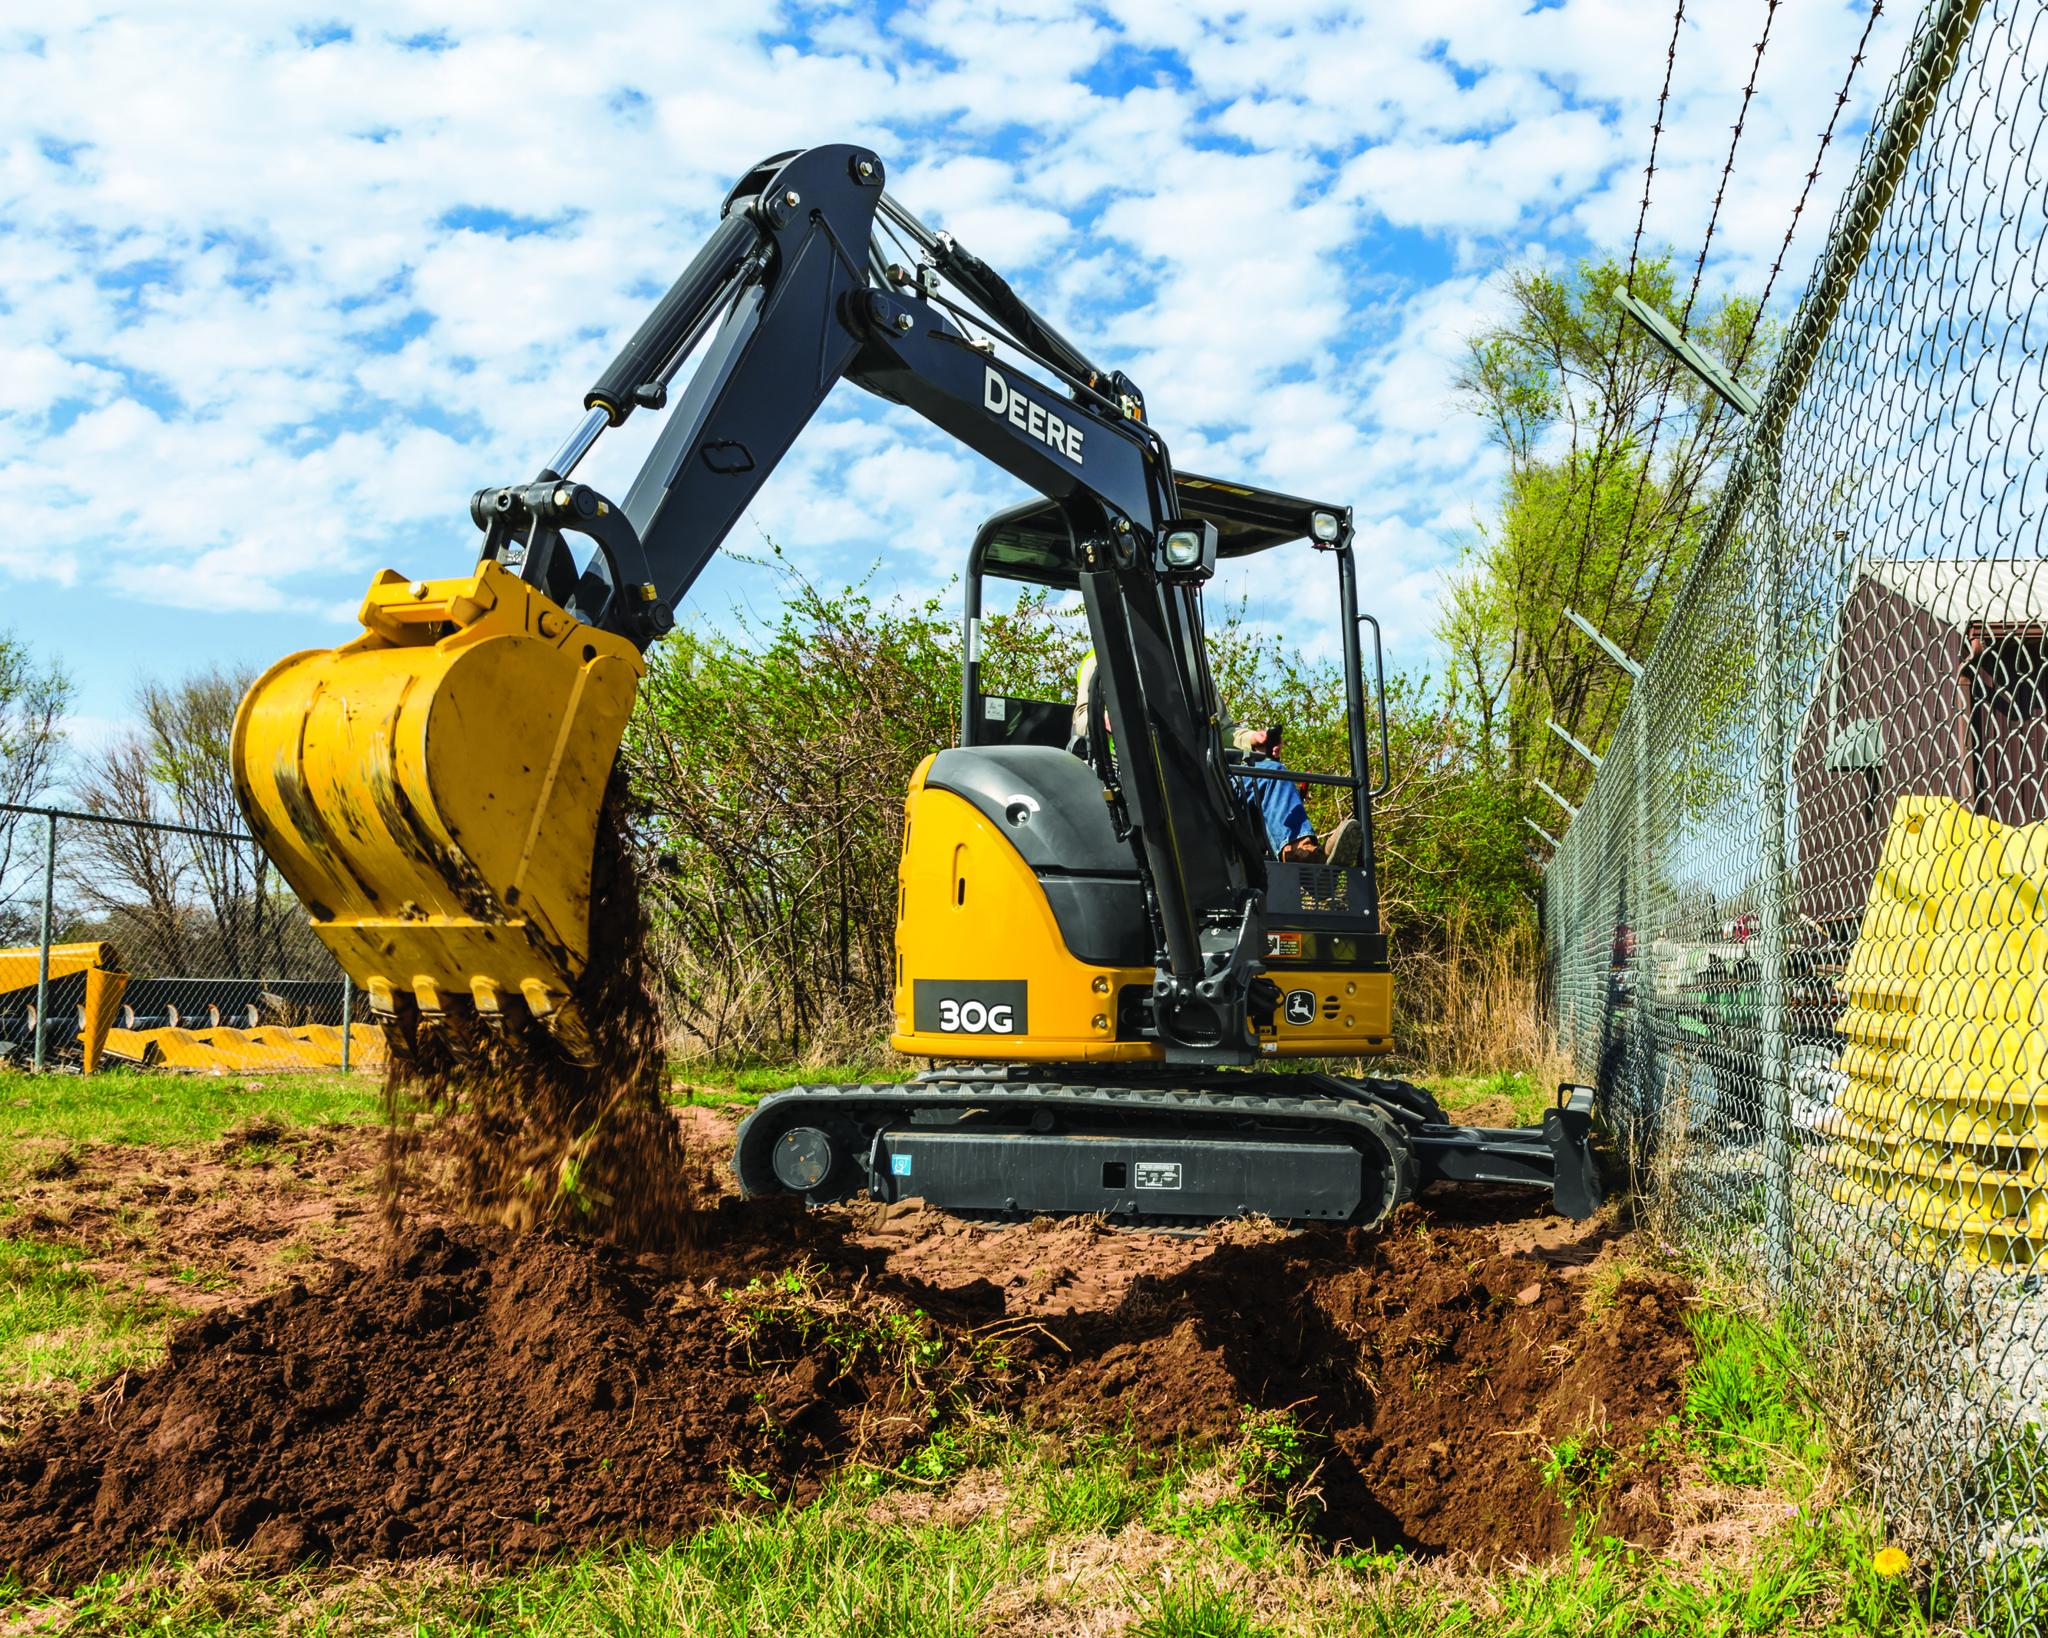 Introducing the John Deere 30g Compact Excavator